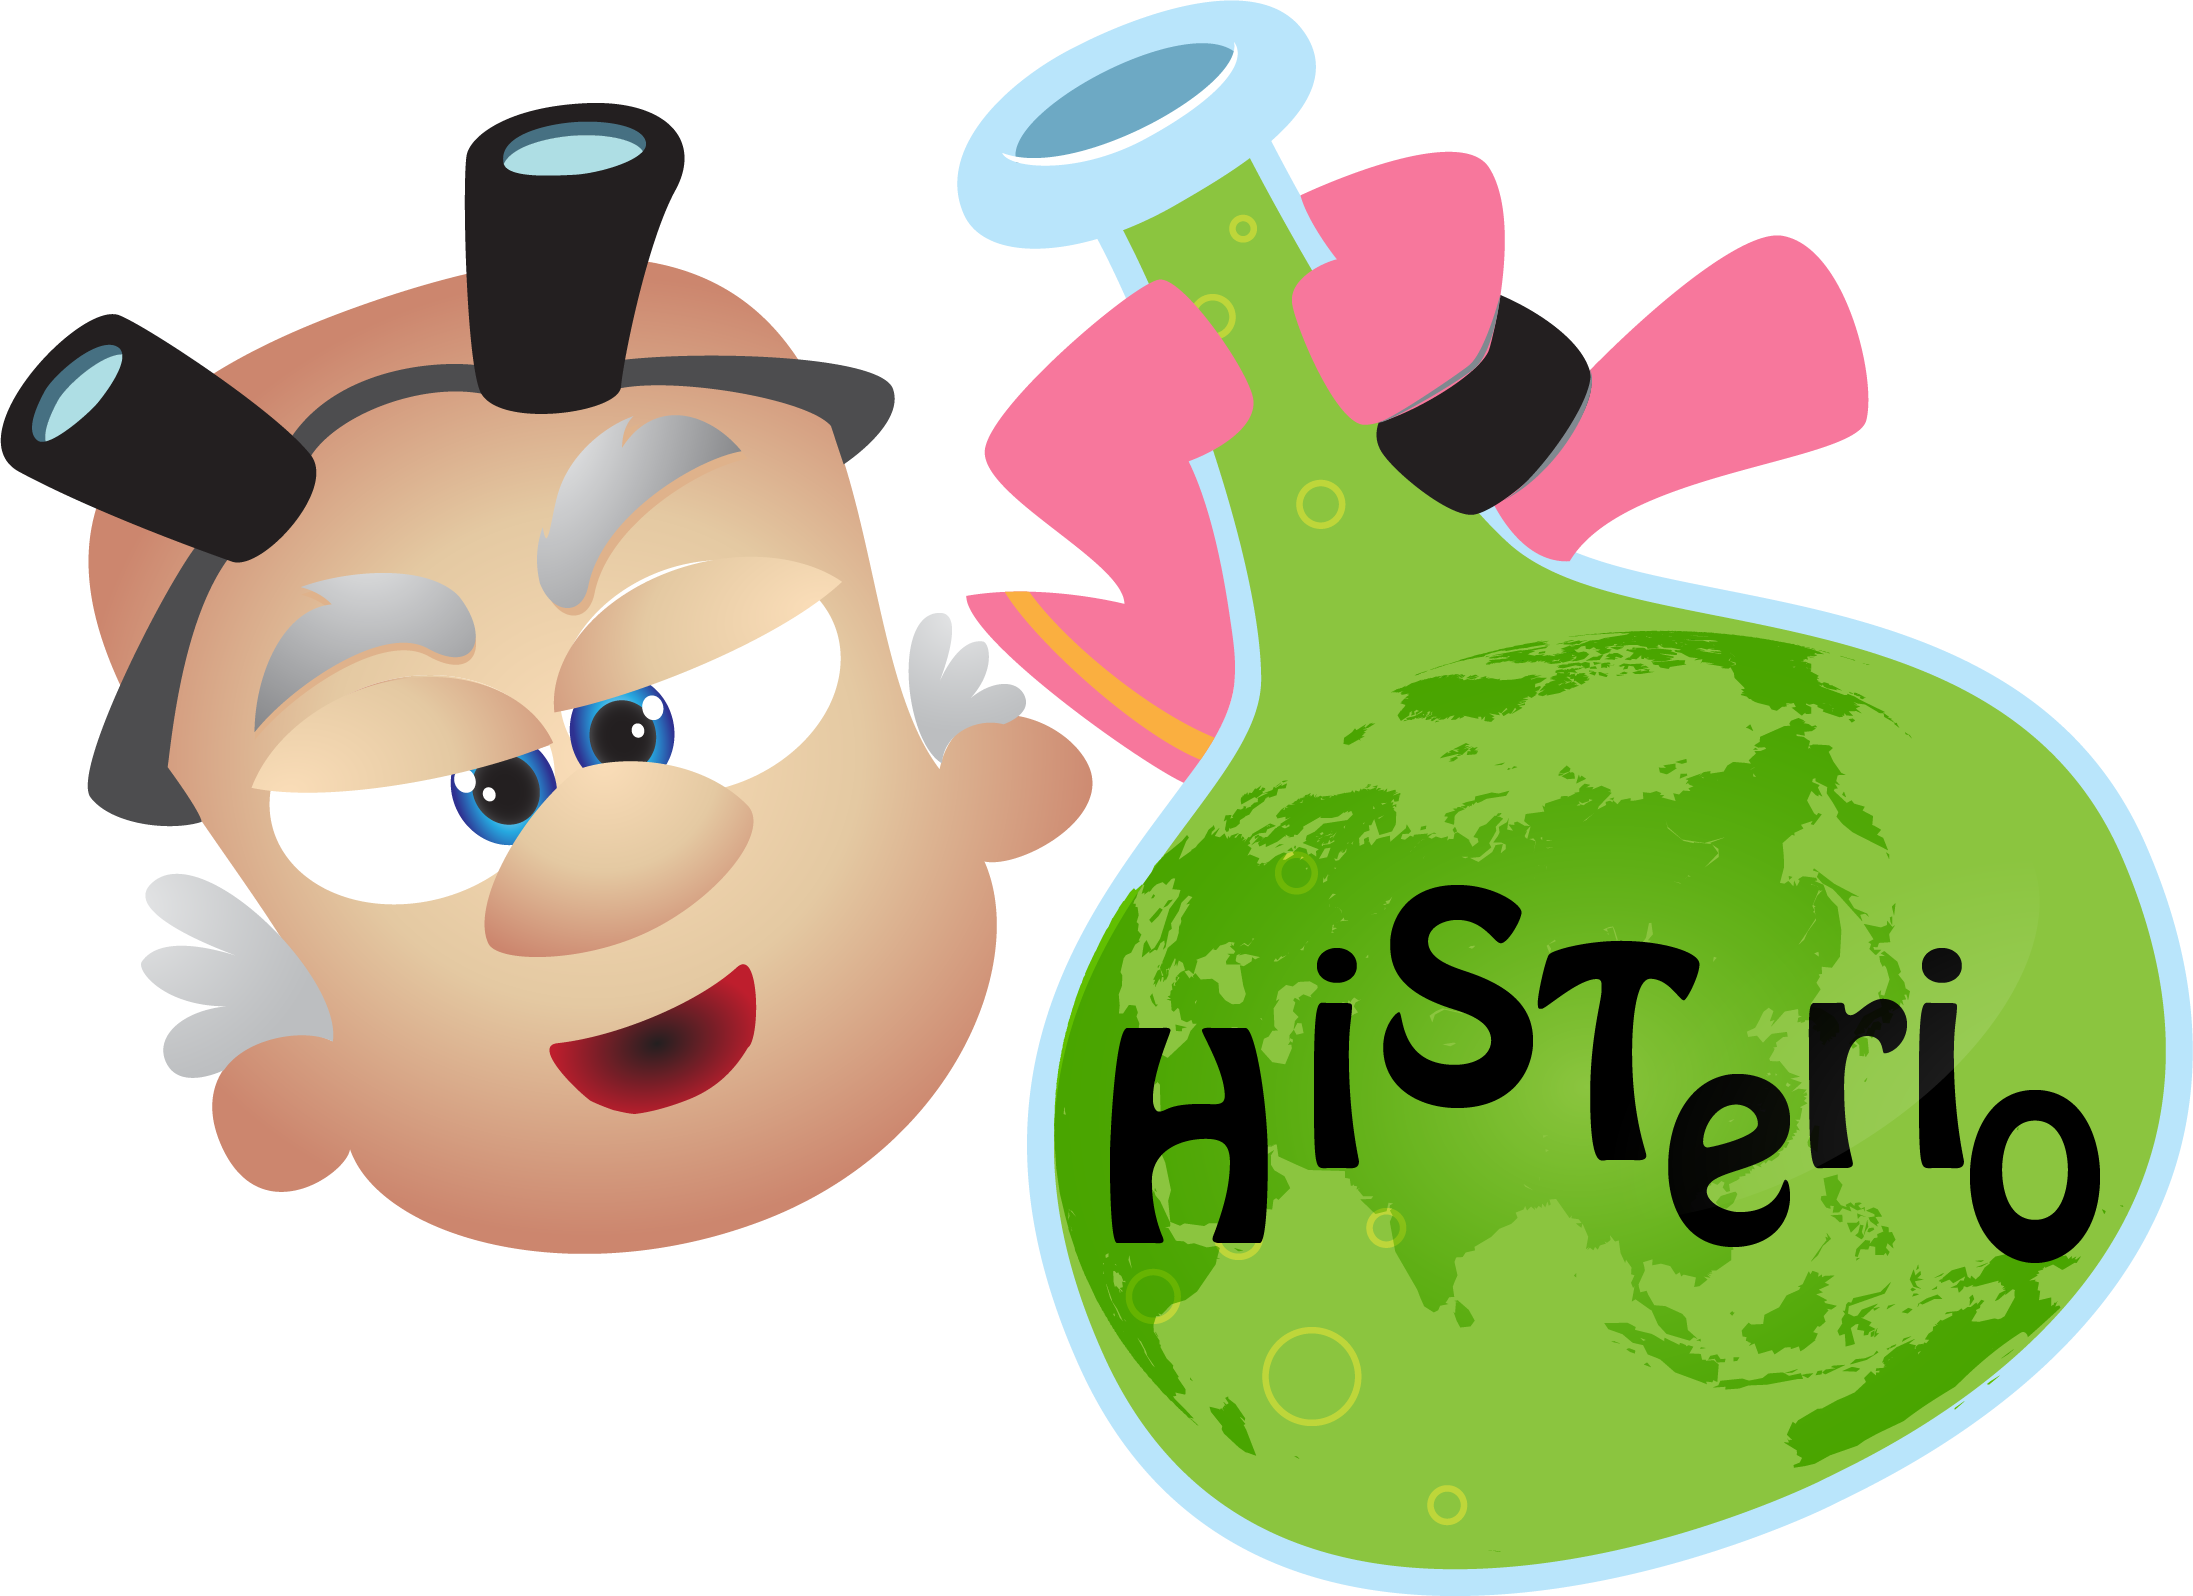 Histerio